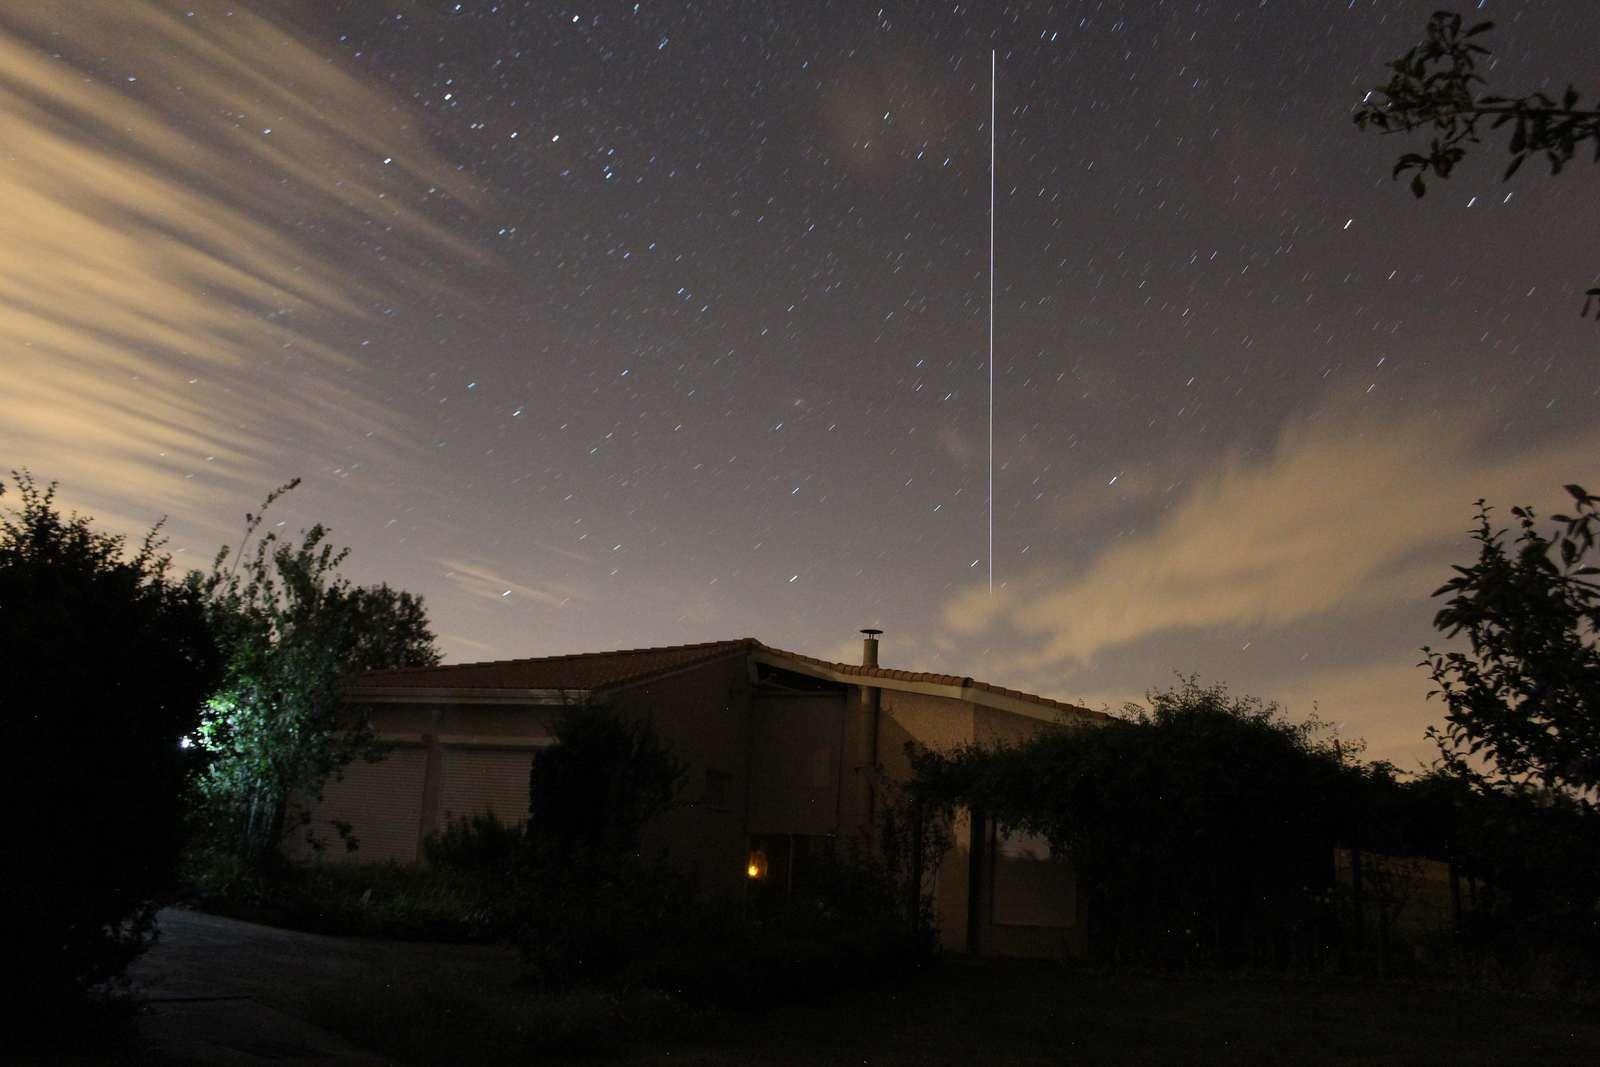 Passage de la station spatiale internationale au dessus de la maison.